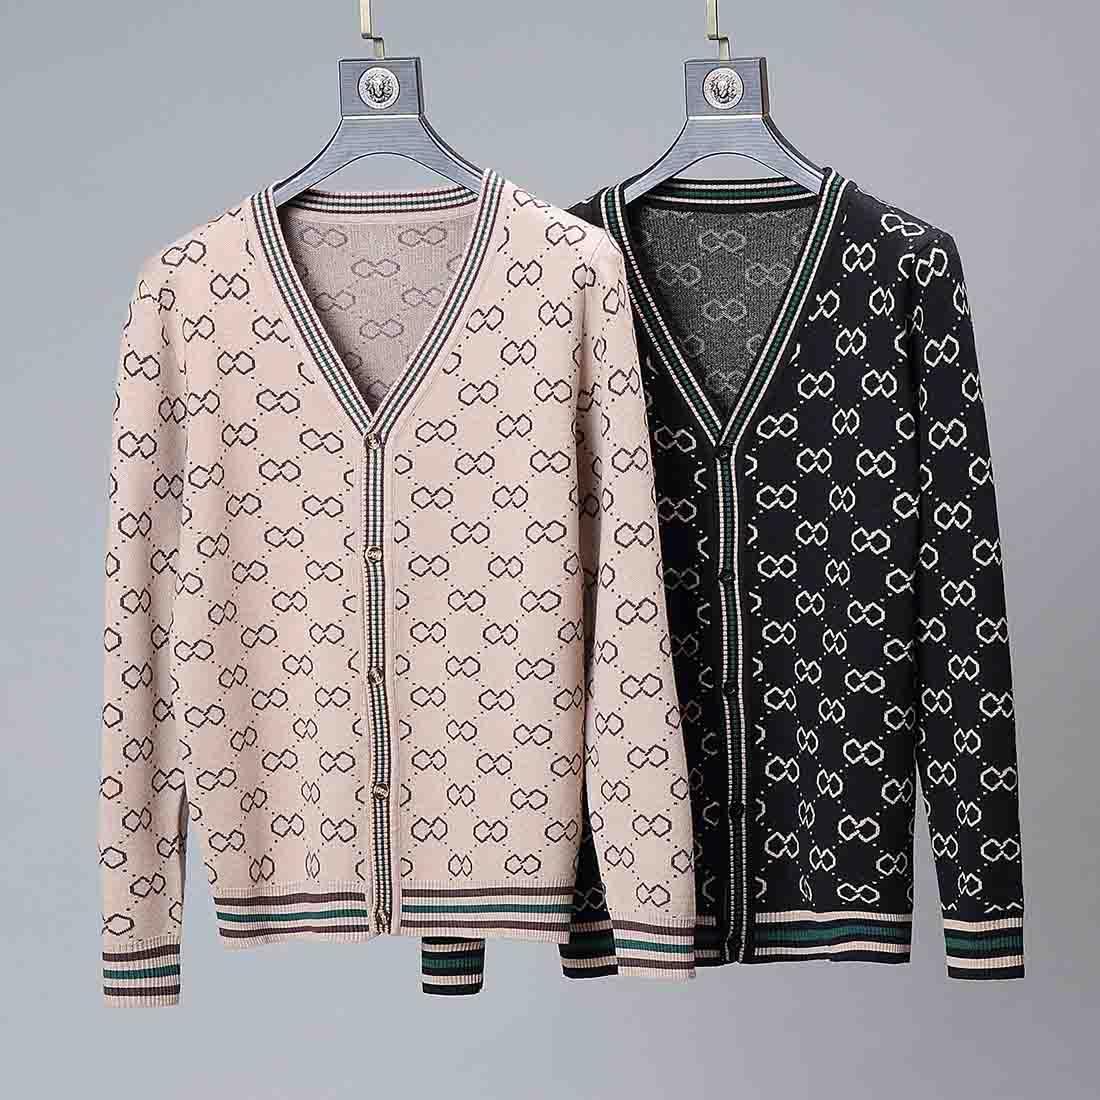 Hot modelos explosão de luxo dos homens projeto camisola do hoodie homens e mulheres casais cardigan casual camisola homens design de alta qualidade camisola b